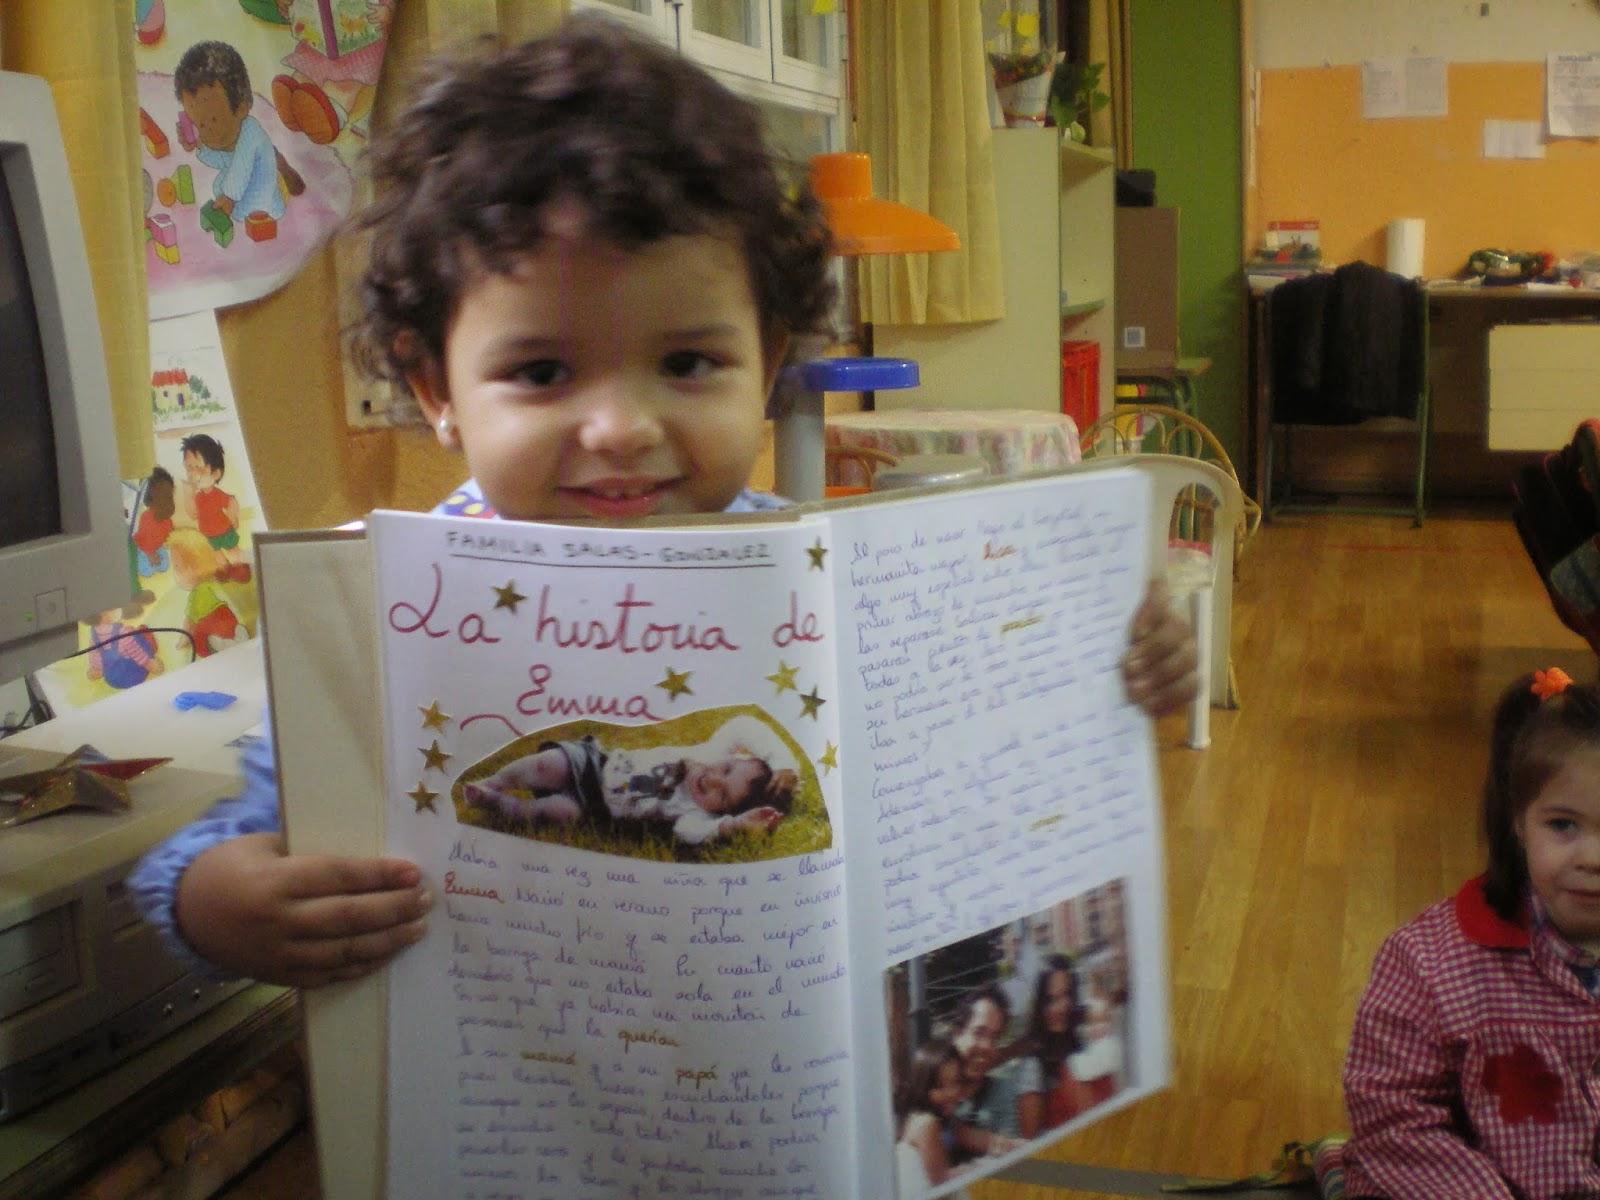 Raquel infantil libro viajero - Ideas libro viajero infantil ...